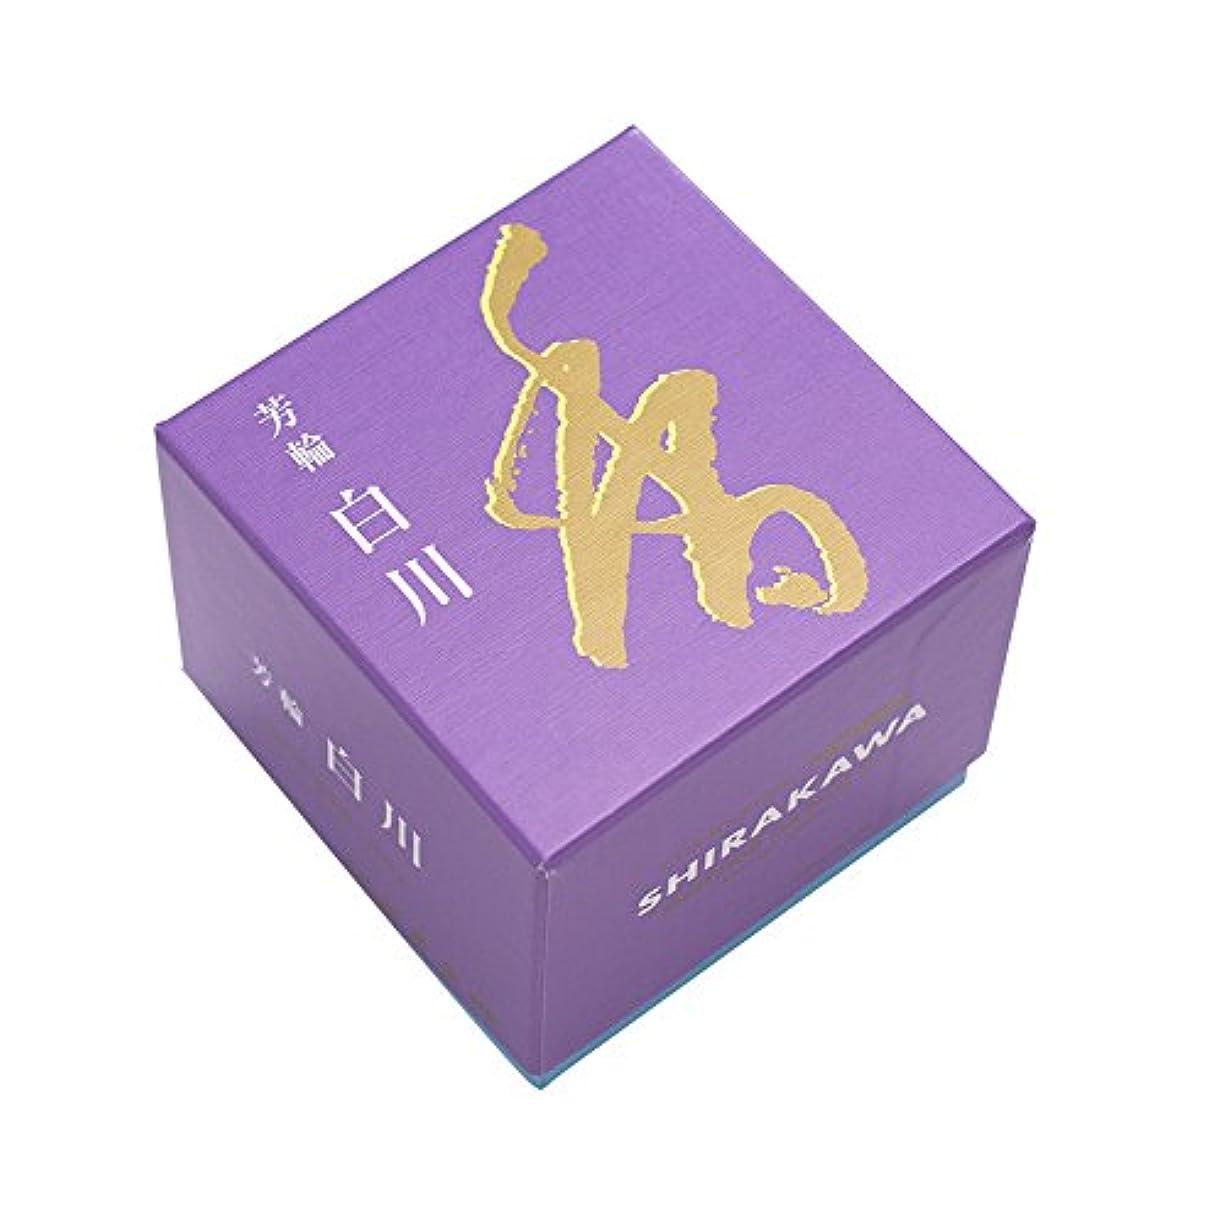 松栄堂のお香 芳輪白川 渦巻型10枚入 うてな角型付 #210621